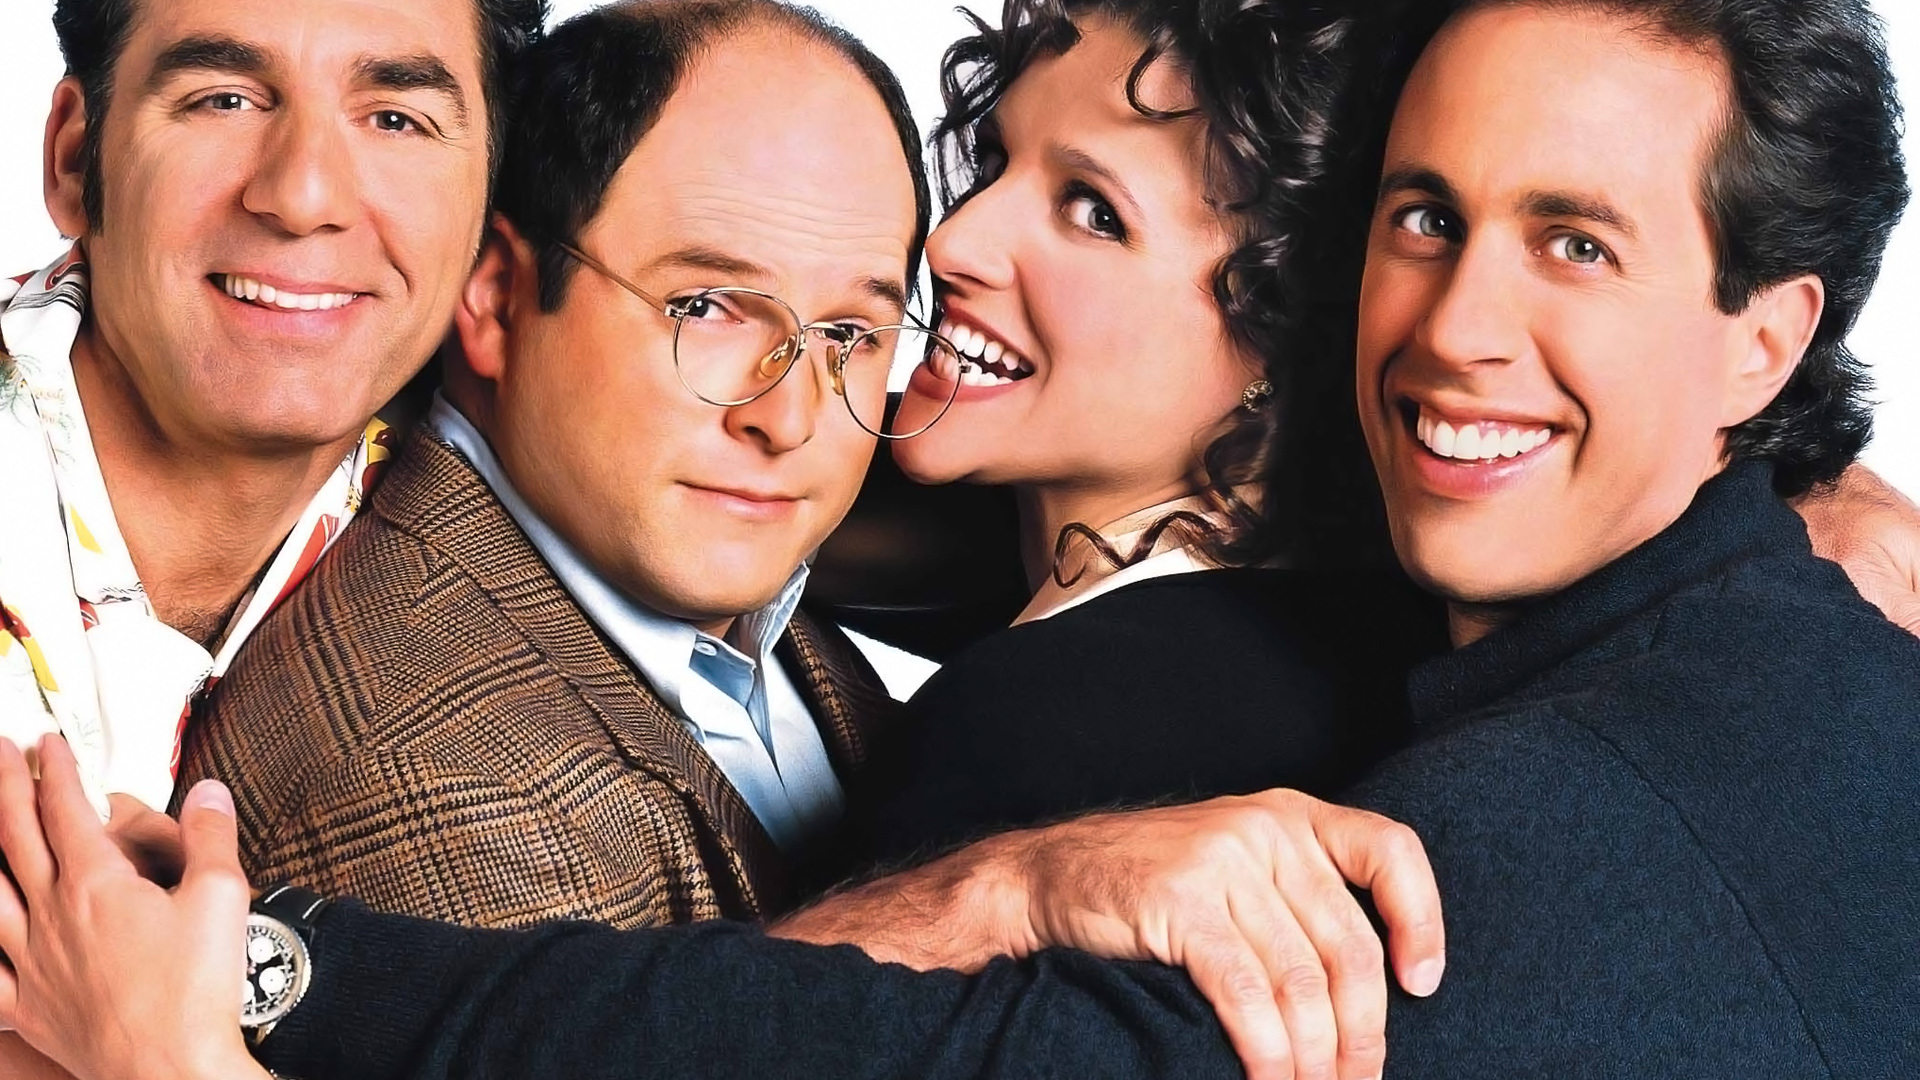 یک سریال درباره هیچ چیز!!! ( Seinfeld )